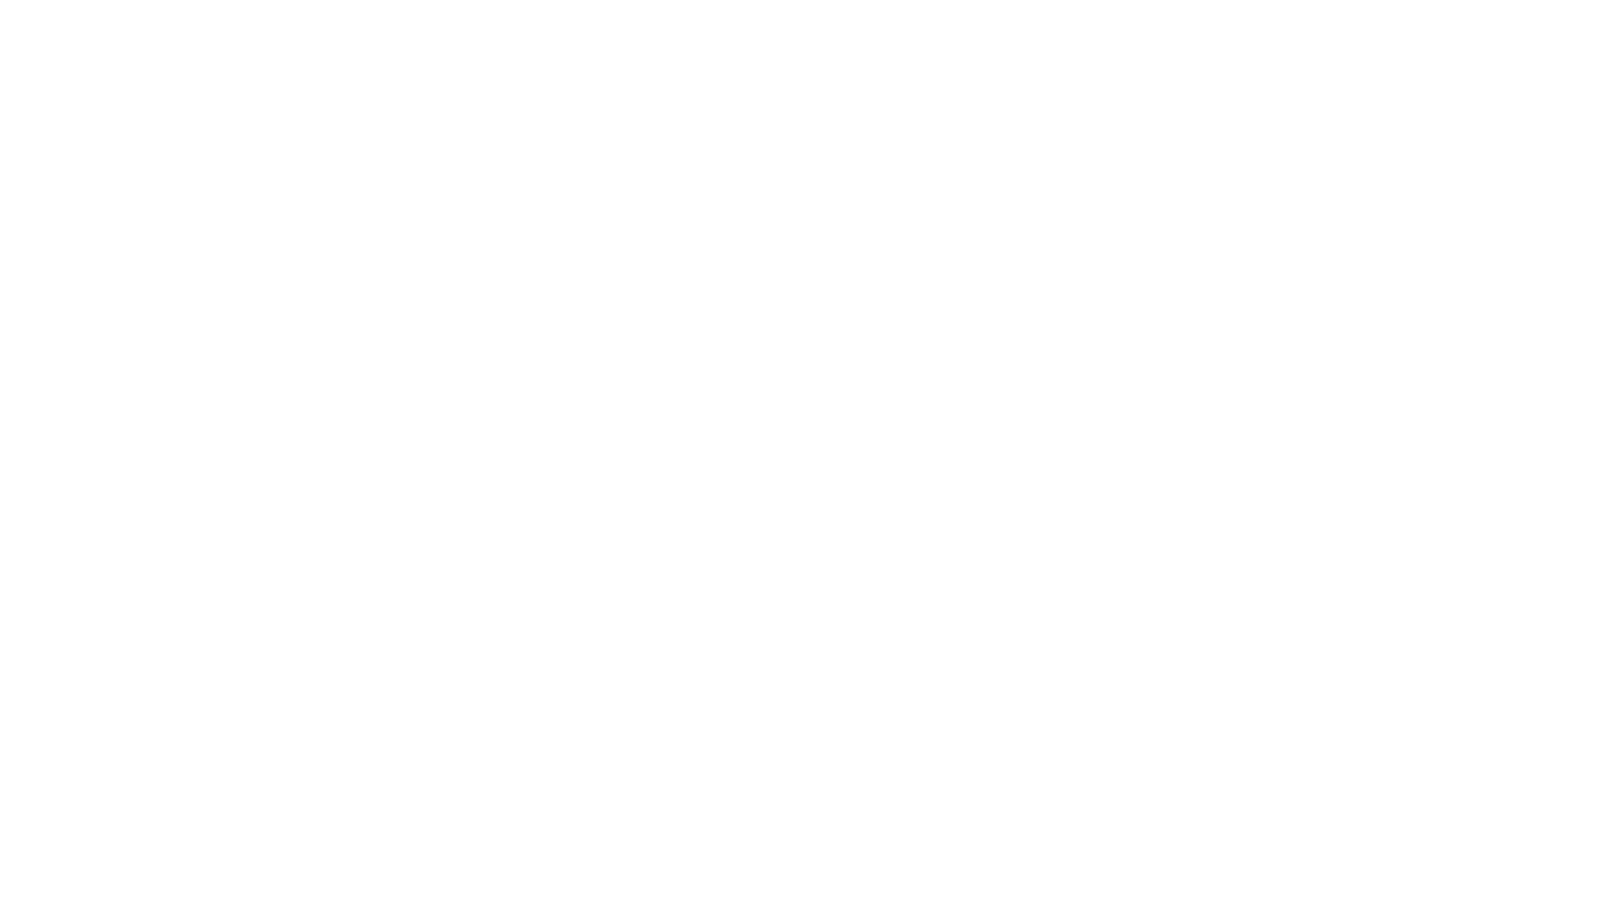 📢 ¡Llegó la primera charla informativa de #YoQuieroProgramar! El programa de formación gratuito de #ConoSurTech que te permitirá desarrollar habilidades necesarias para iniciarte en el mundo del desarrollo de software web 🤝👉 https://go.conosur.tech/yqp  📌 Más info sobre esta charla informativa 📌  En esta charla informativa conocerás a algunas de las personas que nos acompañarán como Instructores, y responderemos varias de las consultas frecuentes que nos han llegado en las últimas semanas.  📌 Más info sobre el programa 📌  #YoQuieroProgramar es la iniciativa gratuita de #ConoSurTech que te permitirá ingresar al mundo del desarrollo de #software:  🔣 Un programa integral para aprender #programación 2️⃣ Comienza el 09 de Noviembre de 2021 y las inscripciones ¡YA ESTAN ABIERTAS! 👉 https://go.conosur.tech/yqp  Durante el programa:  📚 Aprenderás de #HTML, #CSS, #JavaScript, Fundamentos de #Programación, #CSharp y #DotNet, #BasesDeDatos y #DevOps 😱😱😱 ✅ Tendrás acceso a un Sistema de Aprendizaje 100% online para que avances en tus tiempos ⏲ y a tu propio ritmo 🏃🏃♂️🏃♀️. 💡 Te enfrentarás a ejercios y exámenes integrados en la plataforma. 🎓 Podrás obtener Certificados al aprobar cada Diplomado y Fases 👨🎓👩🎓. 💼 Además, tendrás la oportunidad de tener contacto con empresas e incrementar tus chances de comenzar a trabajar.  Y lo mejor: completamente GRATUITO 💸🤑🆓 👉 https://go.conosur.tech/yqp  ¡No te pierdas esta oportunidad! Pre-inscríbete y comienza tu camino a transformar tu vida profesional junto a #ConoSurTech 😀💪👌  📌 Cómo inscribirse en el Programa 📌  🔗 Ingresa en https://go.conosur.tech/yqp ✅ Sigue las instrucciones para iniciar  📌 Sobre ConoSur.Tech 📌  #ConoSurTech es una iniciativa para conectar, difundir y brindar recursos a comunidades de #tecnología.  🔴 Sitio Web: https://conosur.tech 🔴 Twitter: https://twitter.com/conosurtech 🔴 Facebook: https://www.facebook.com/ConoSurTech 🔴 Instagram: https://www.instagram.com/conosurtech/ 🔴 LinkedIn: https://www.linkedin.com/company/c